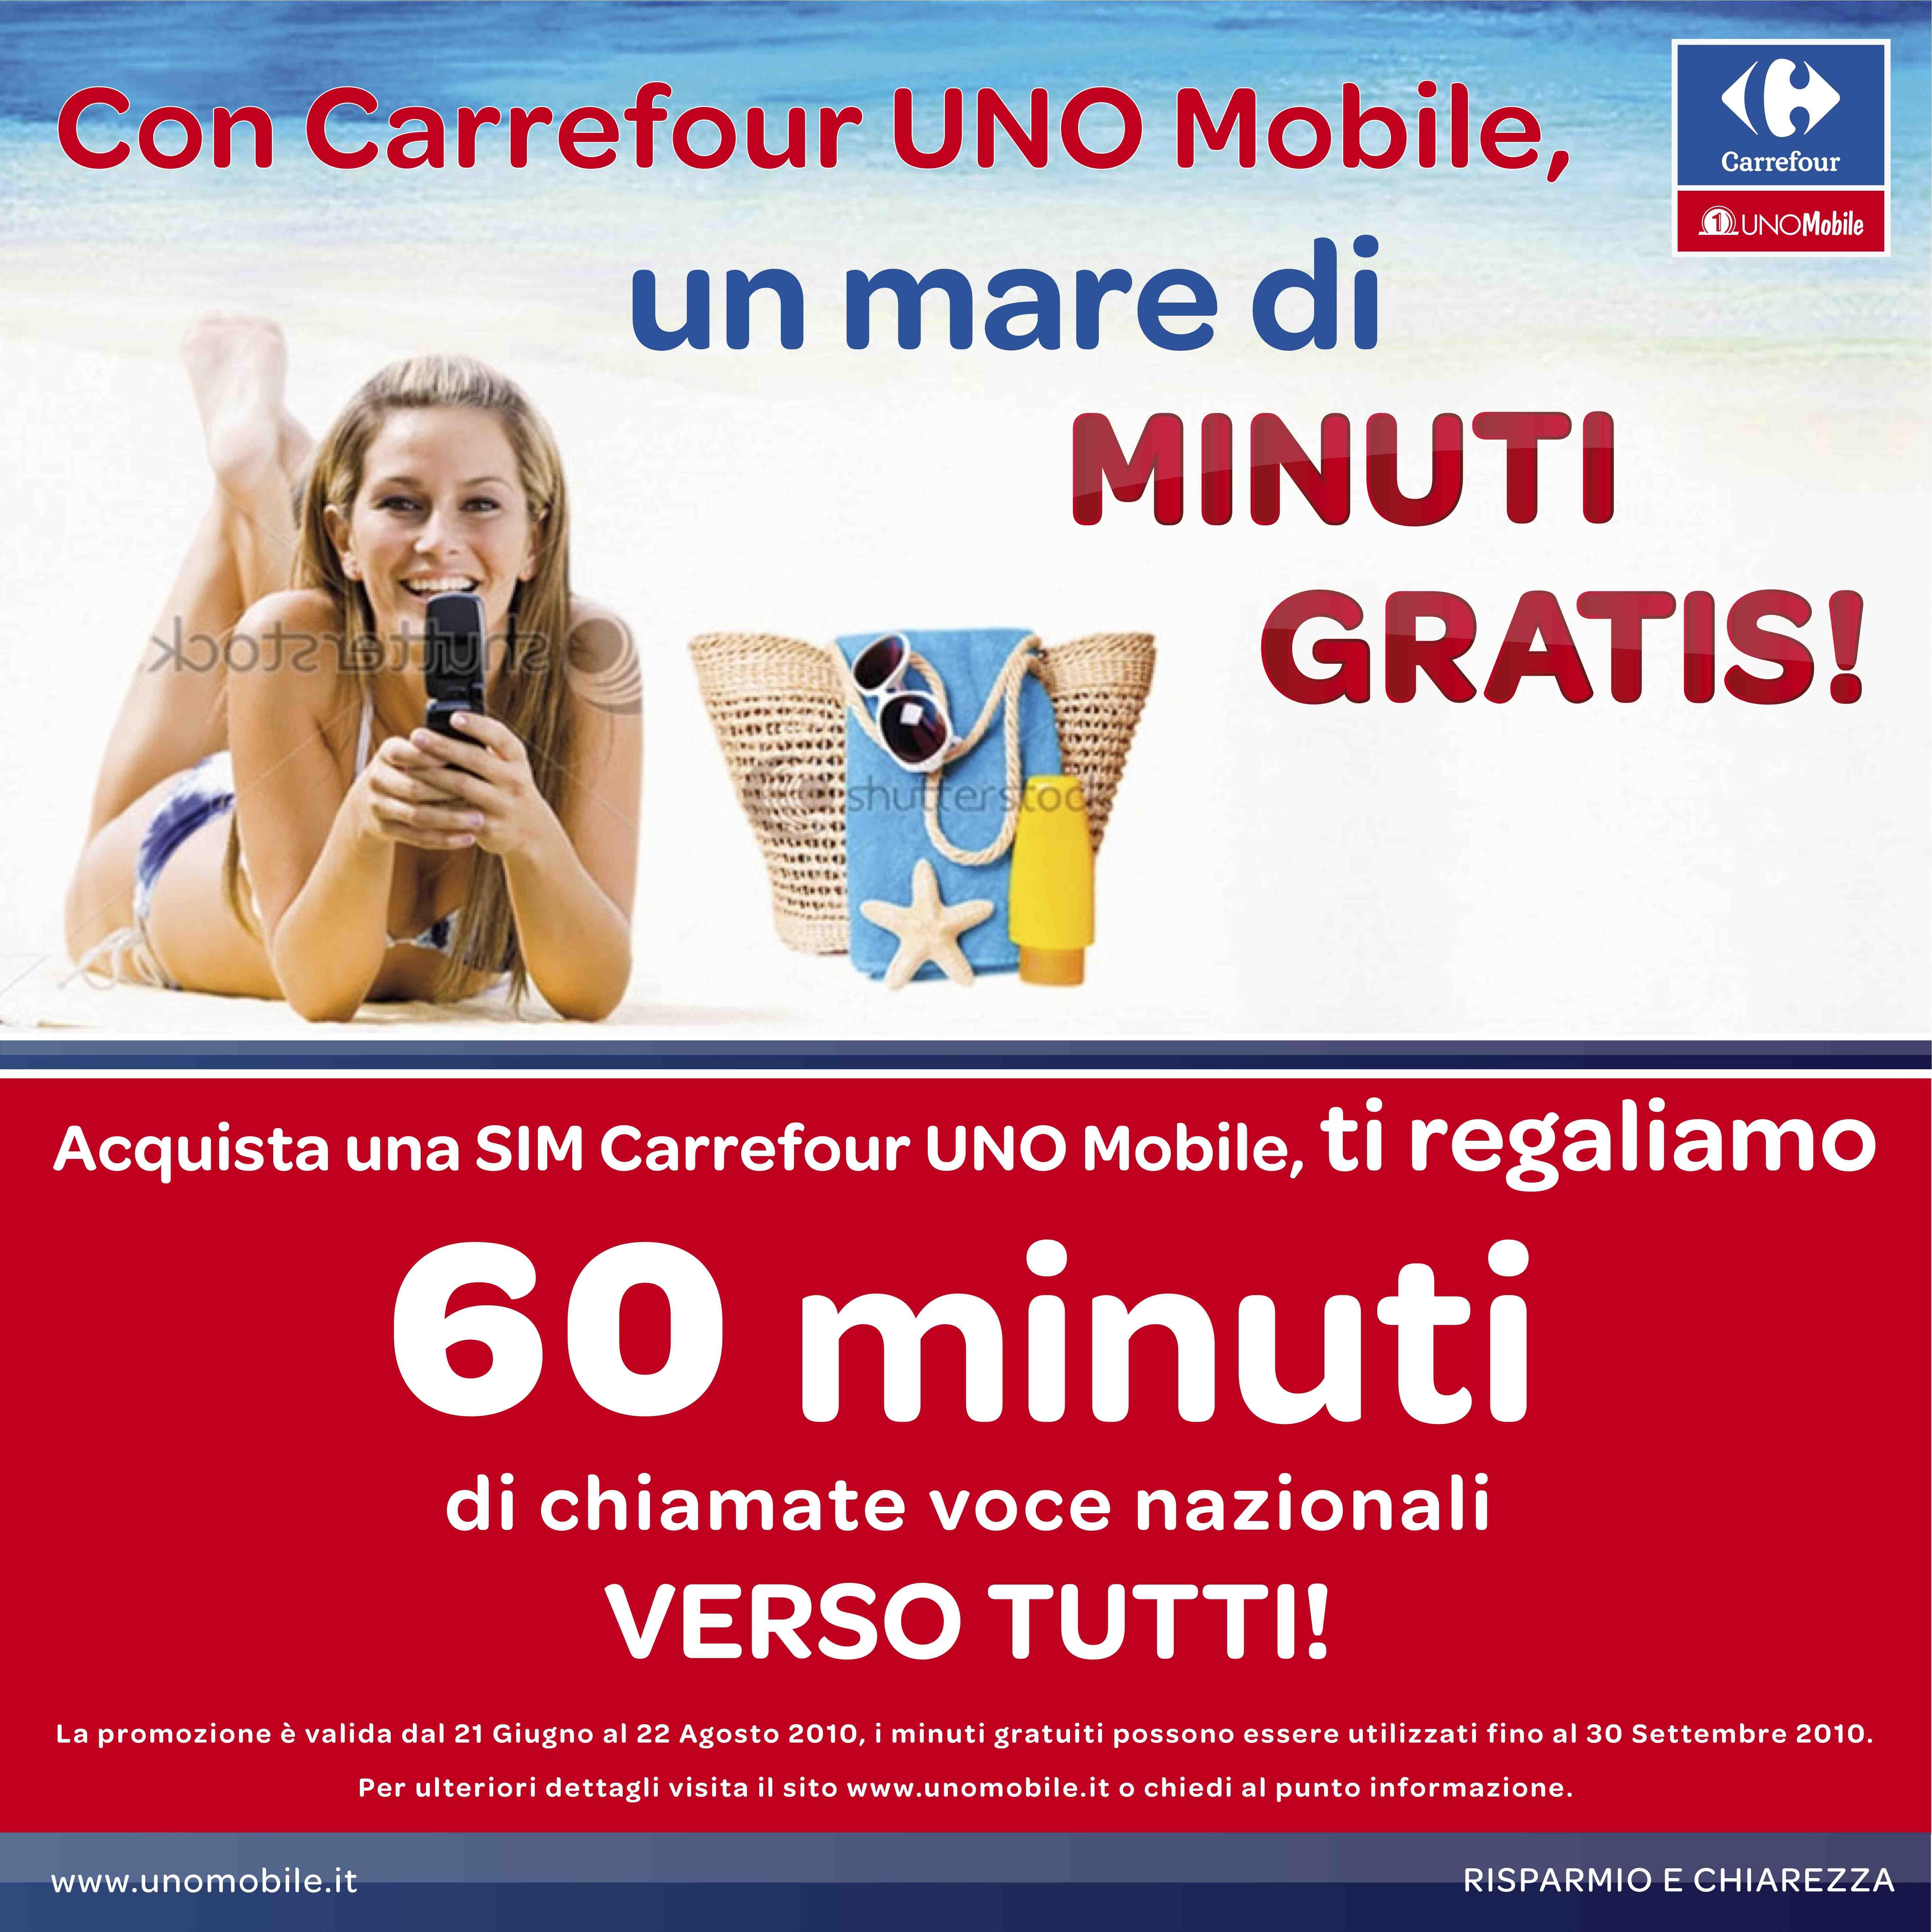 Carrefour-uno-mobile